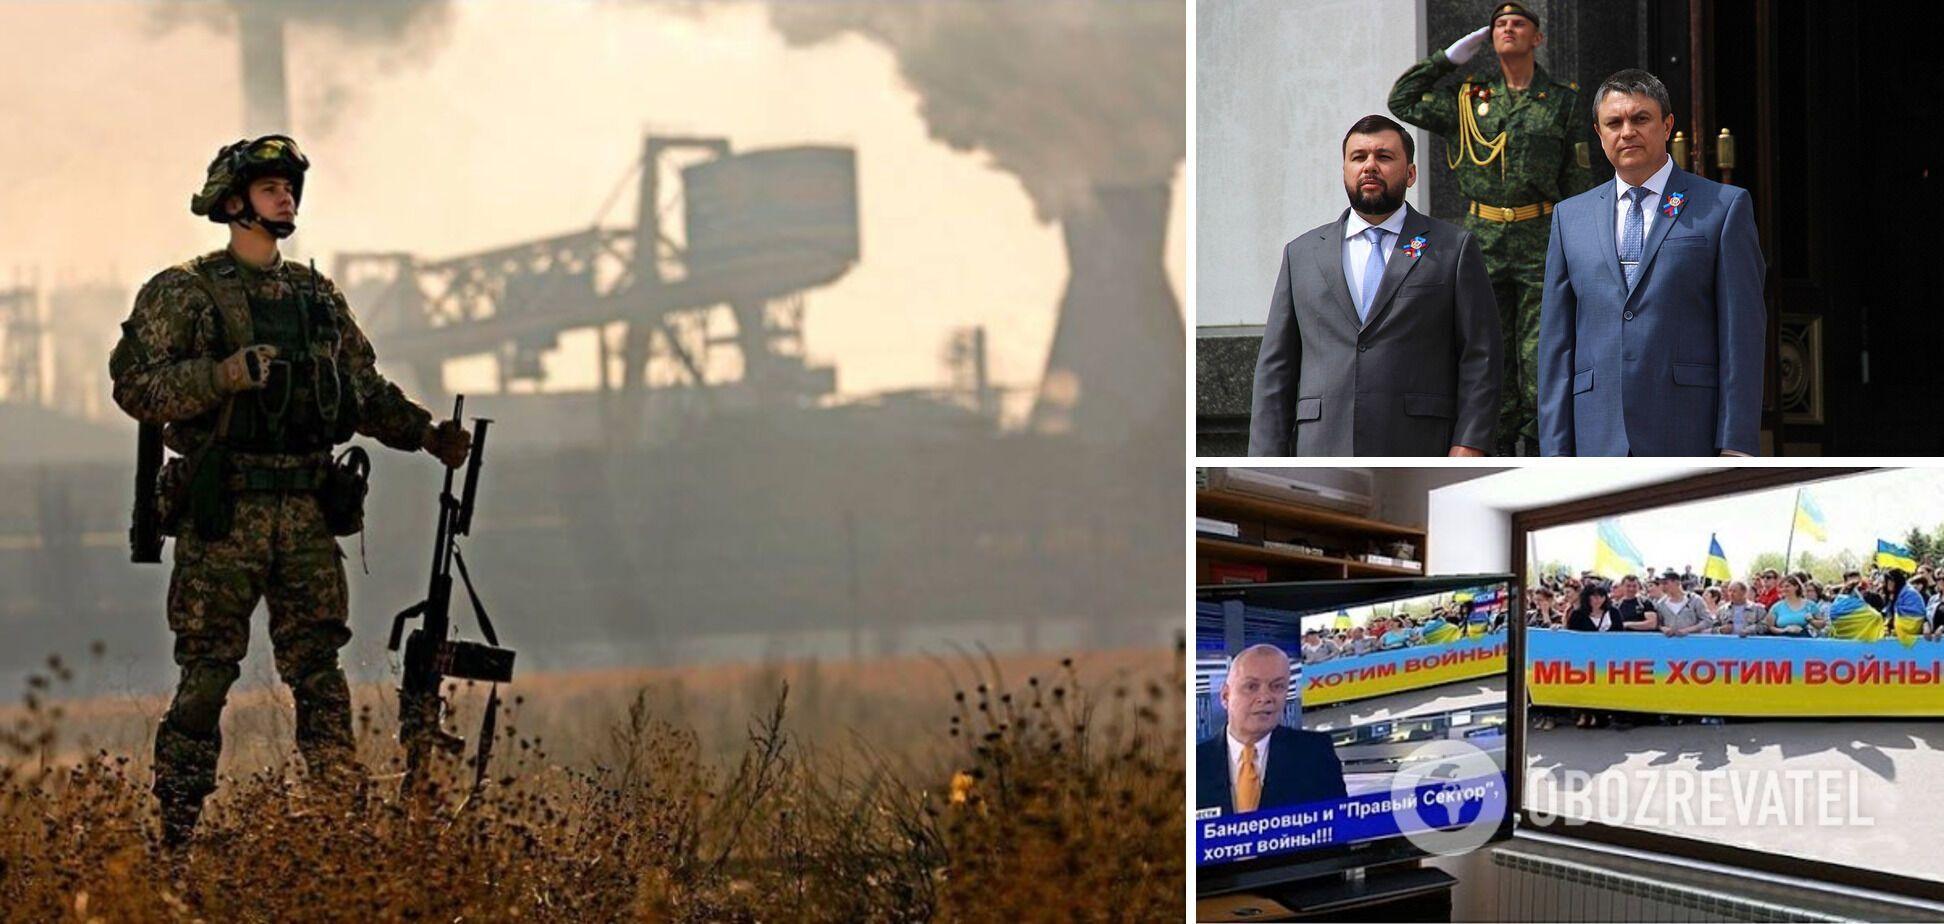 Дрон-убивця, фосфорні бомби й український 'бліцкриг': 6 квітневих фейків росЗМІ про ЗСУ